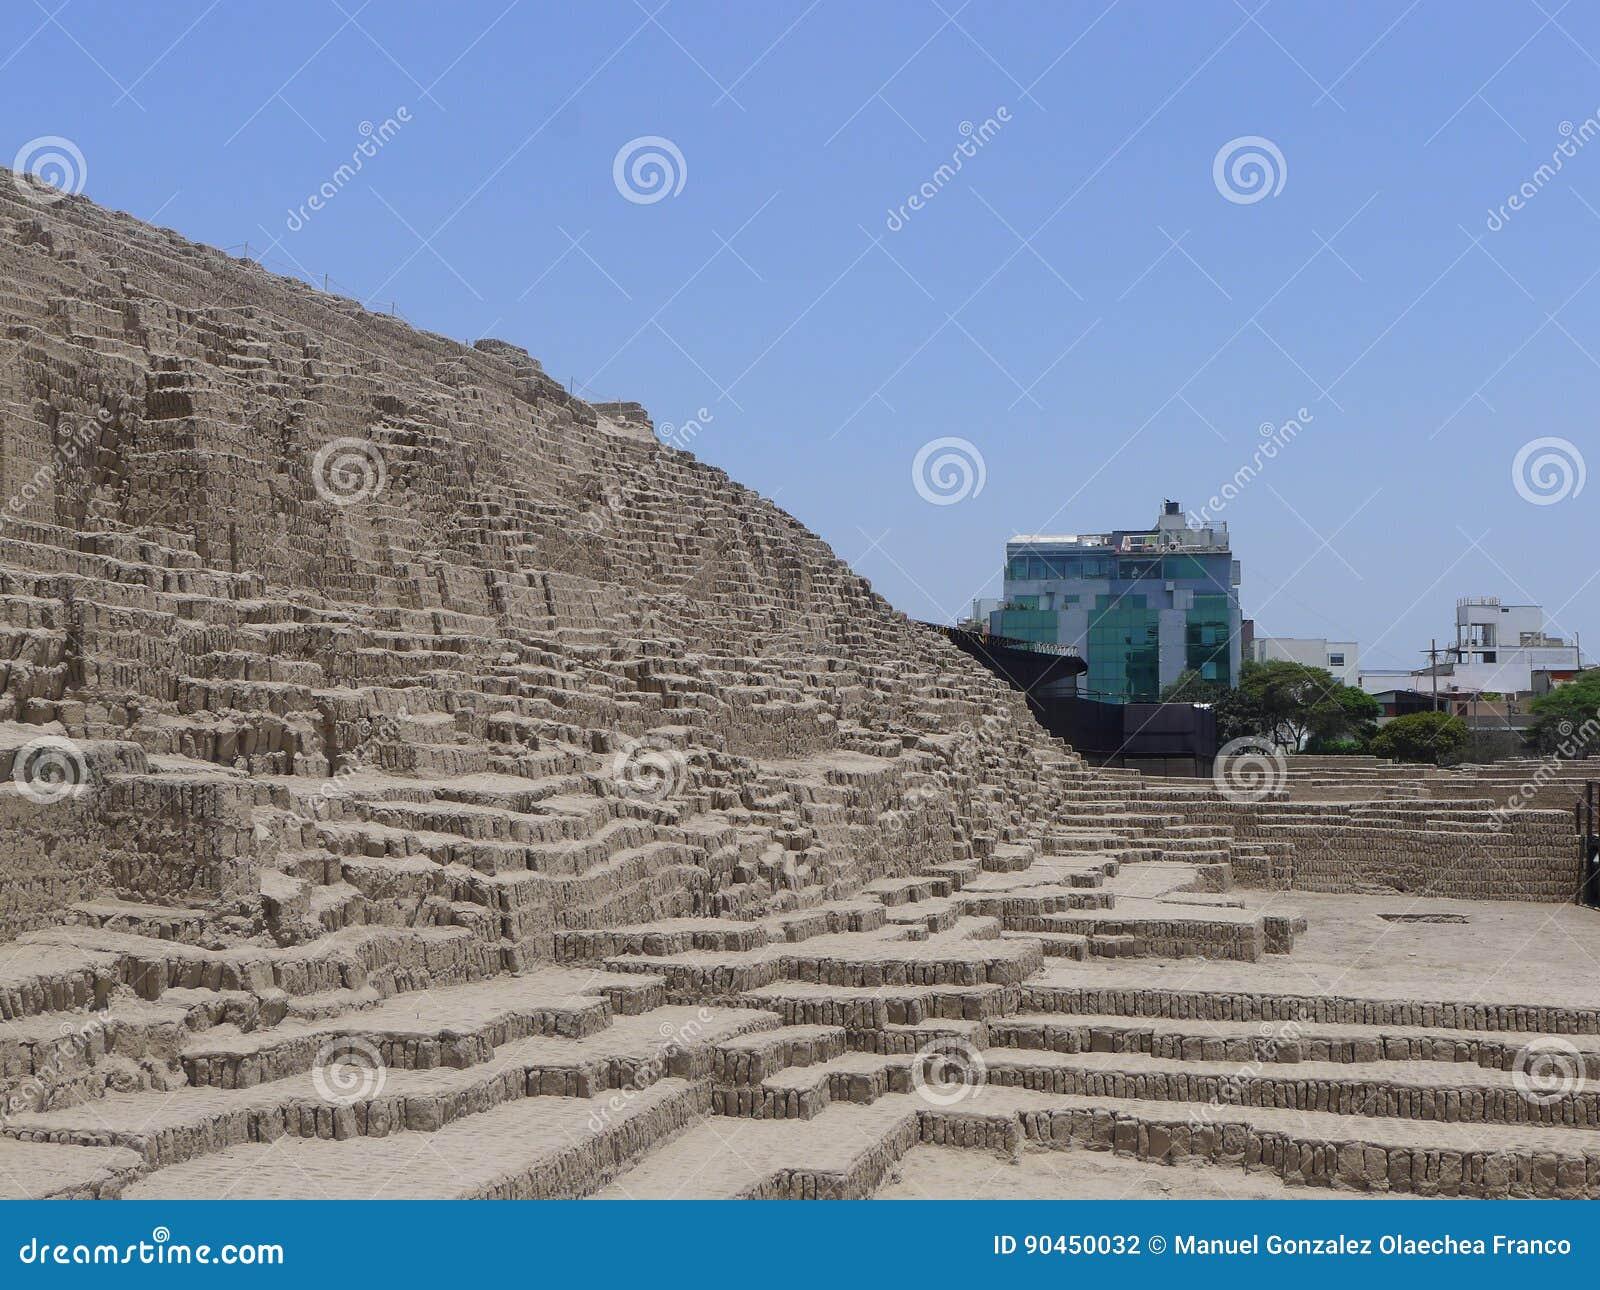 huaca pucllana old pyramid at miraflores lima stock photo image